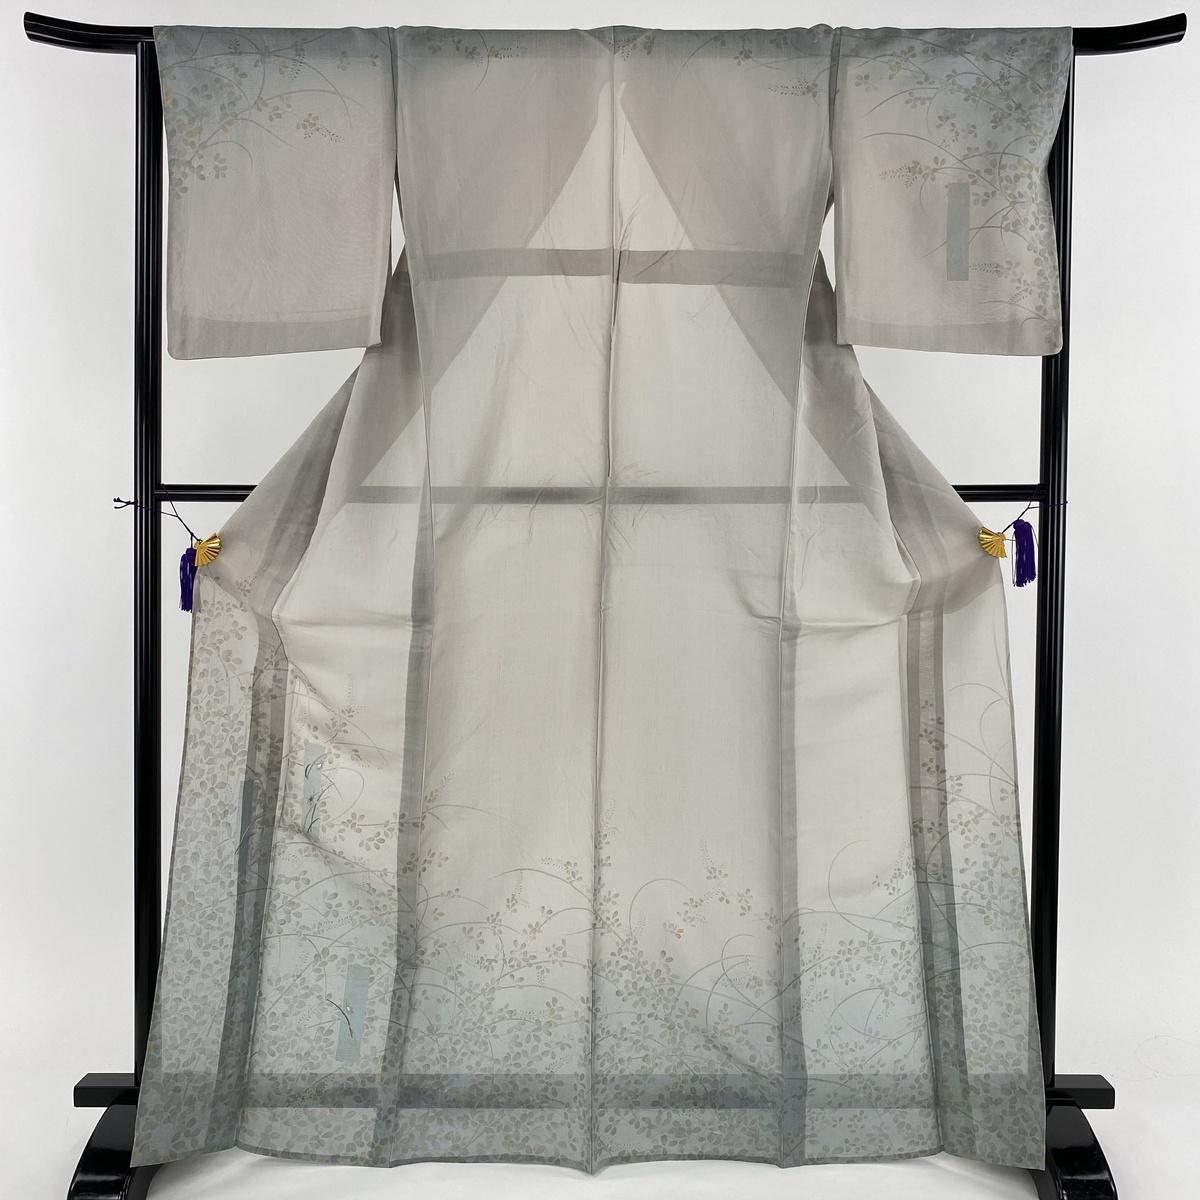 訪問着 美品 名品 萩 鈴虫 銀糸 刺繍 灰色 薄物 身丈168.5cm 裄丈65cm M 正絹 【中古】